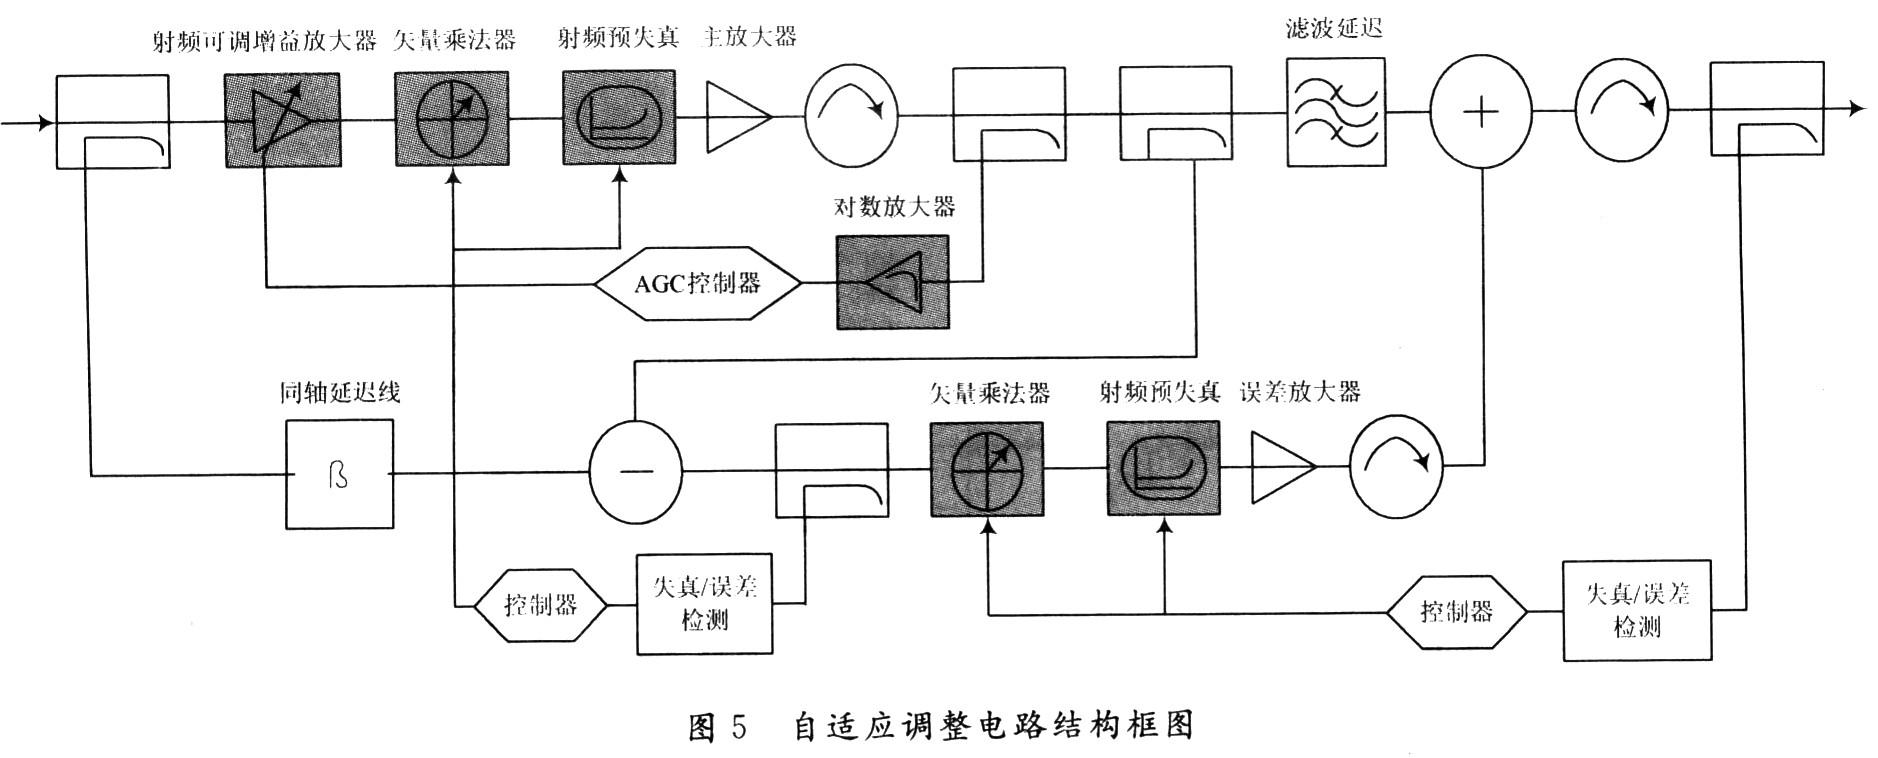 前馈控制系统结构图